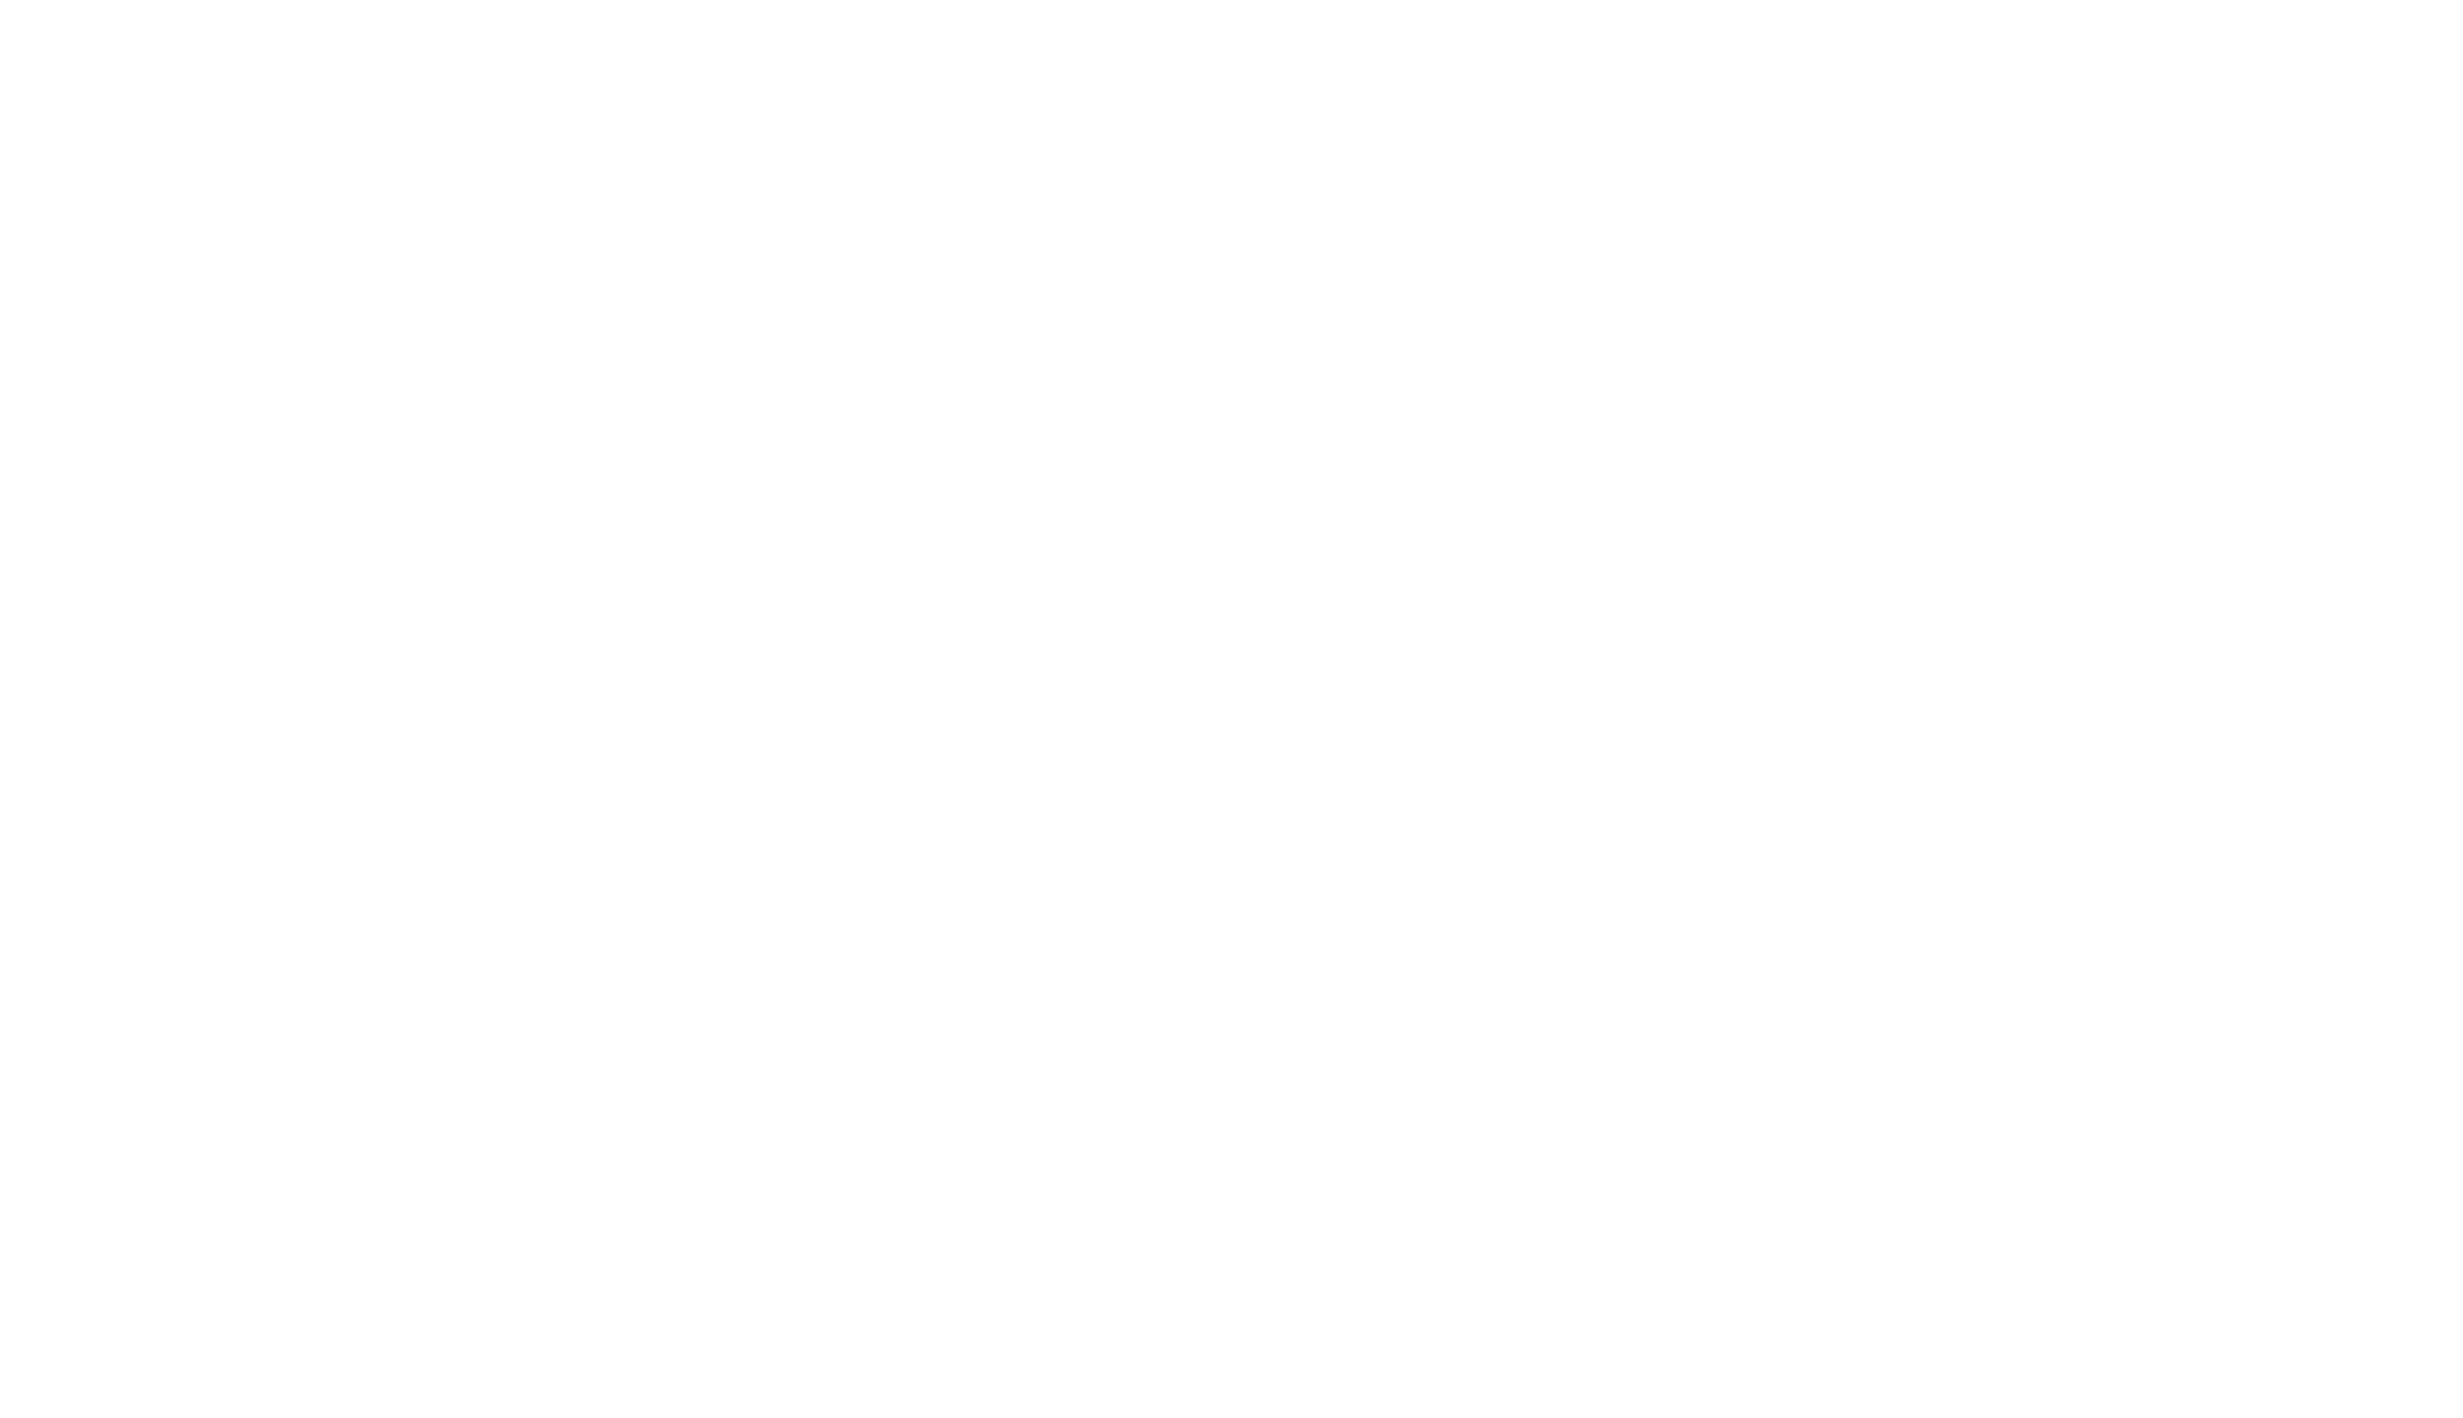 Saalt Monogram